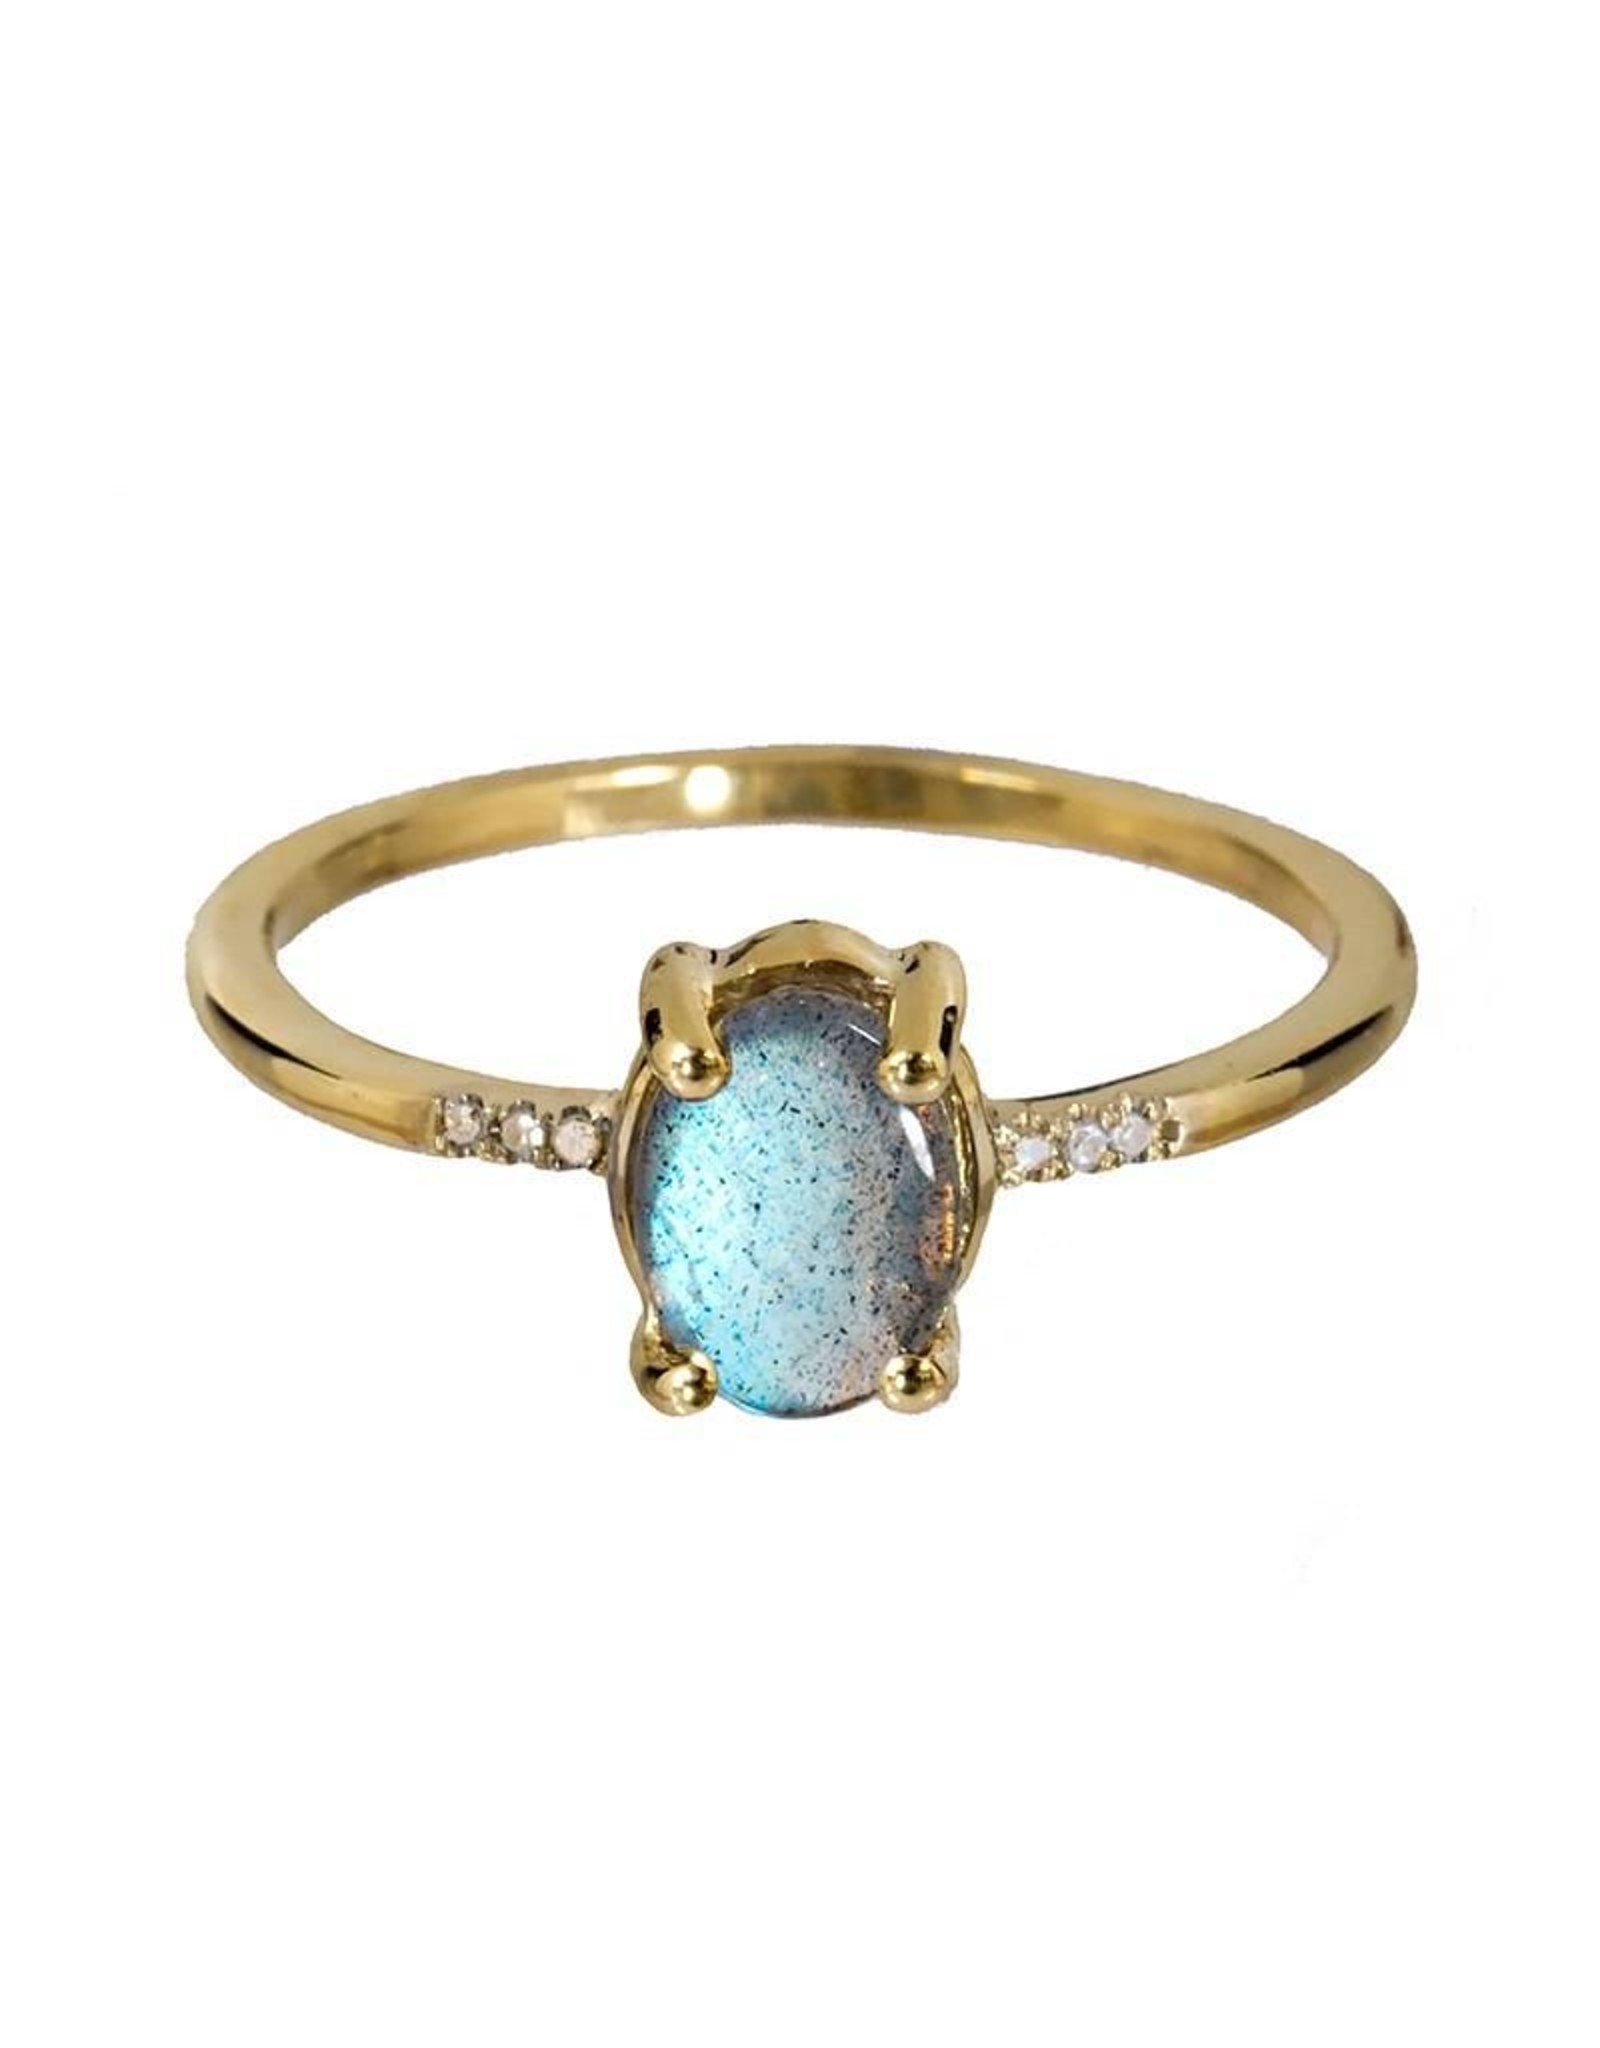 Bo Gold Ring - Gold - Labradorite